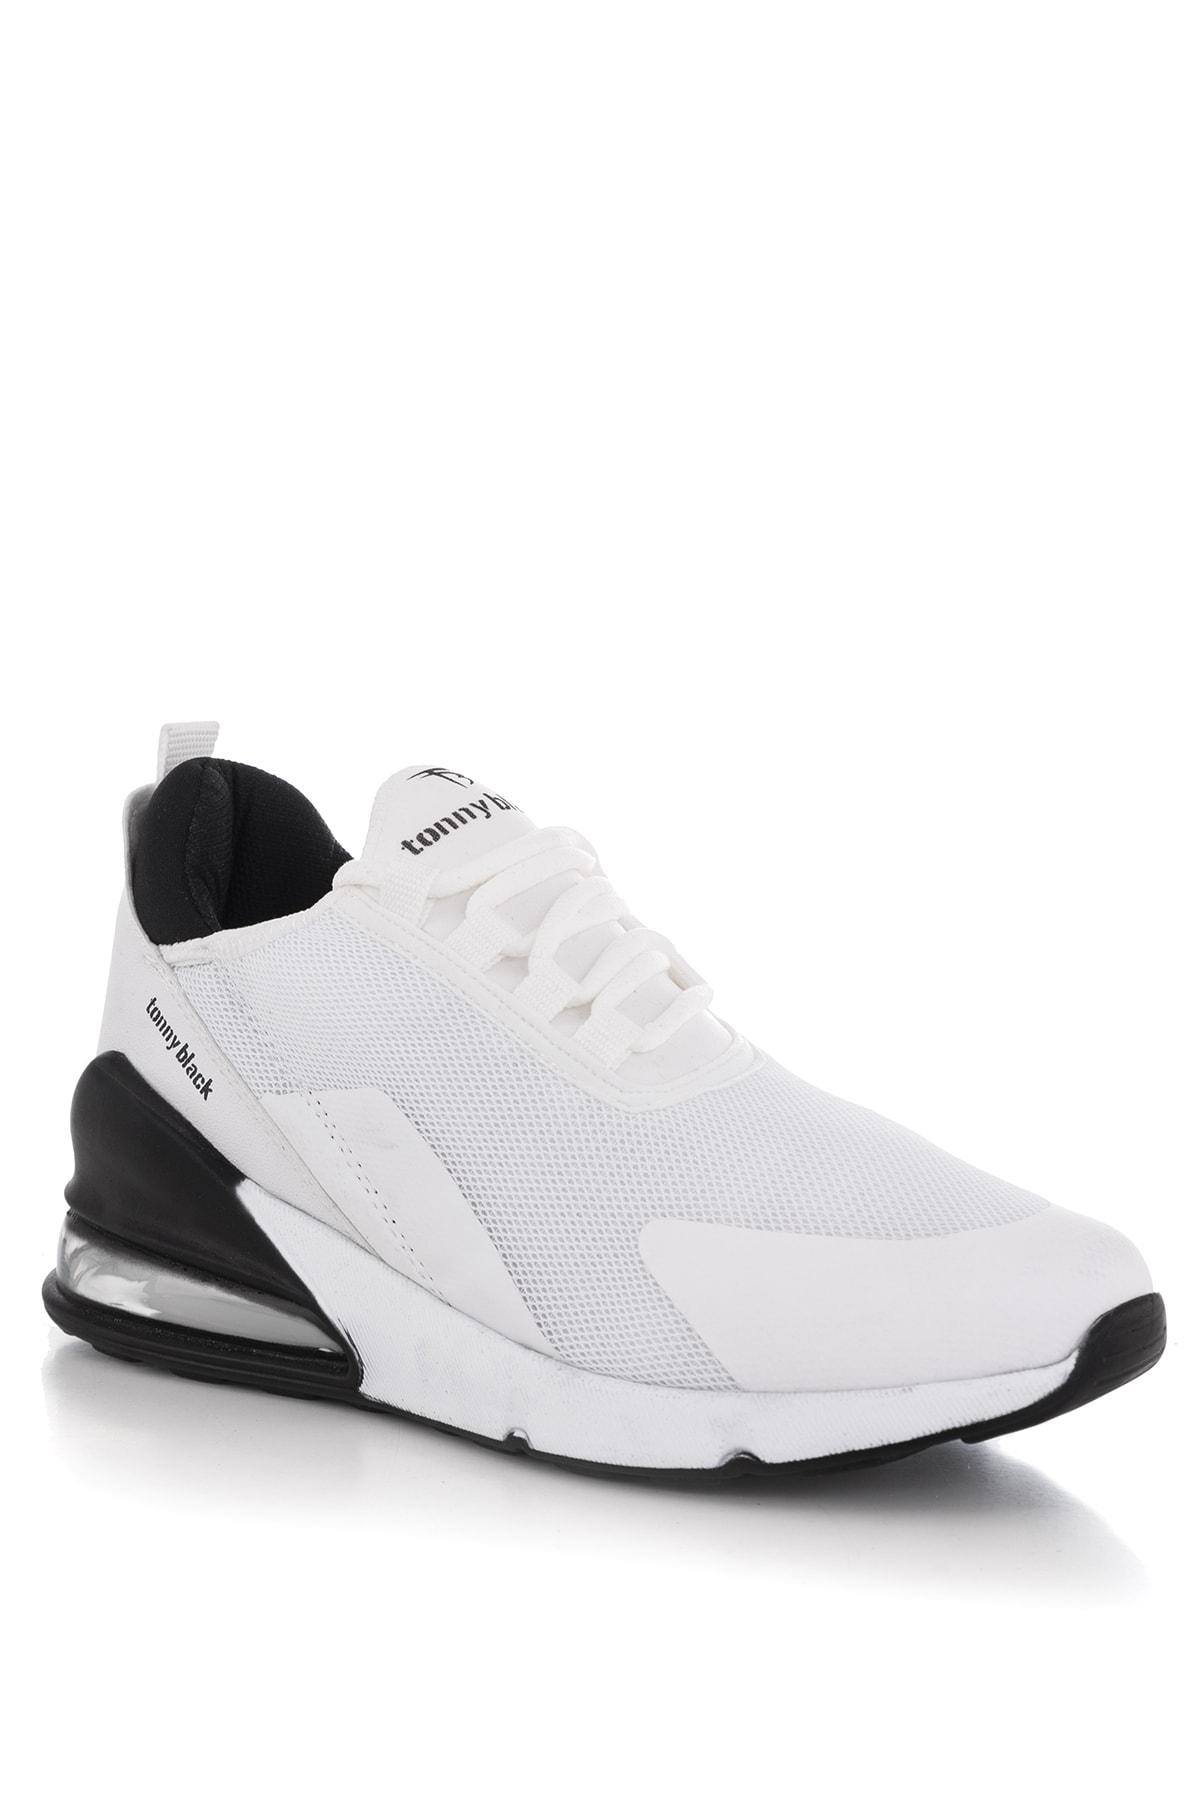 Tonny Black Unısex Spor Ayakkabı Tb270 1